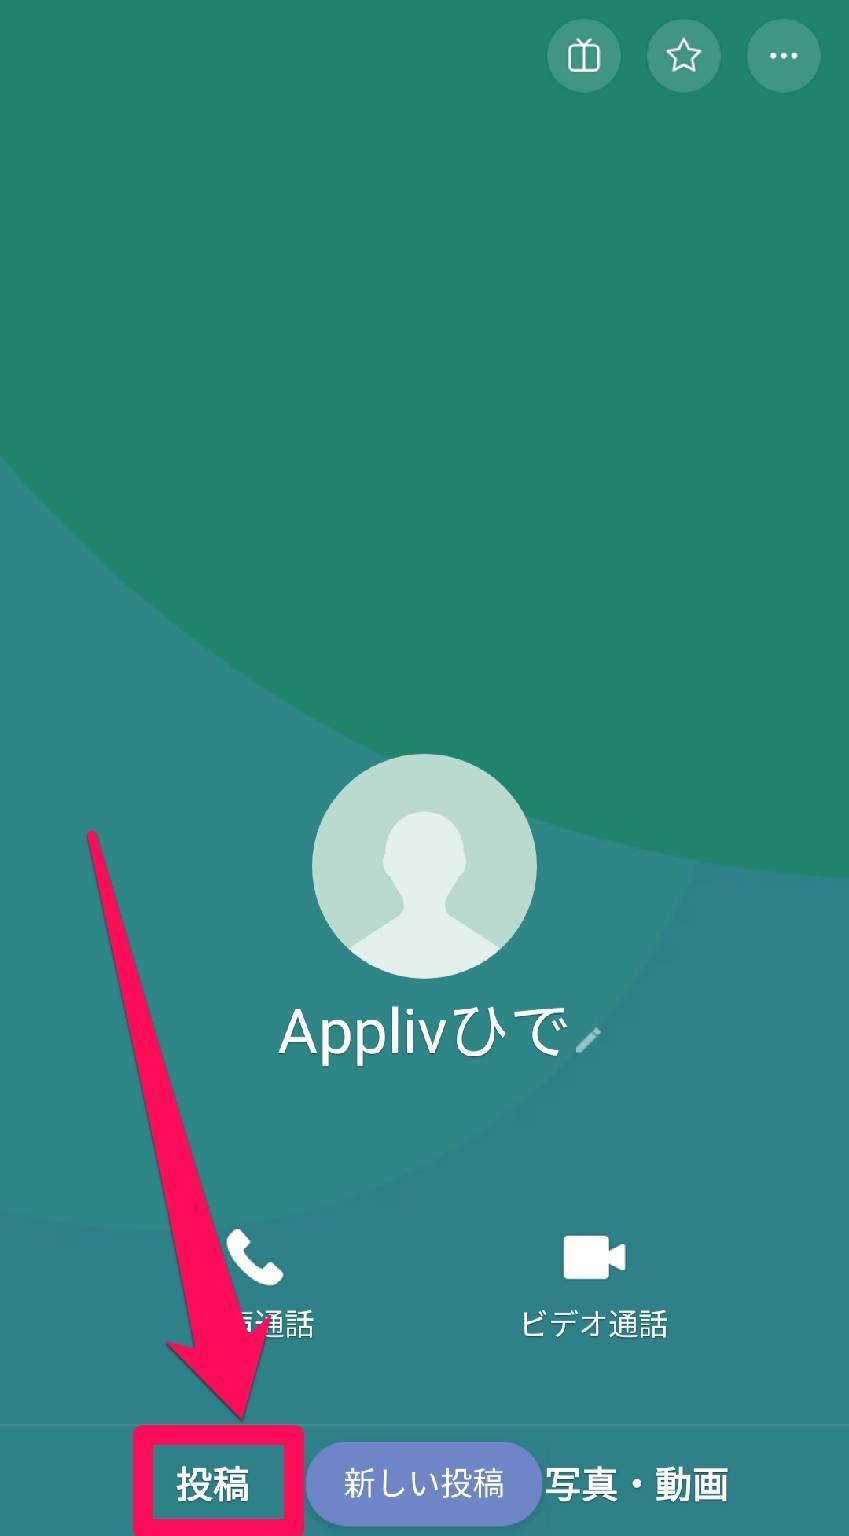 ユーザーの個別ページから[投稿]をタップ